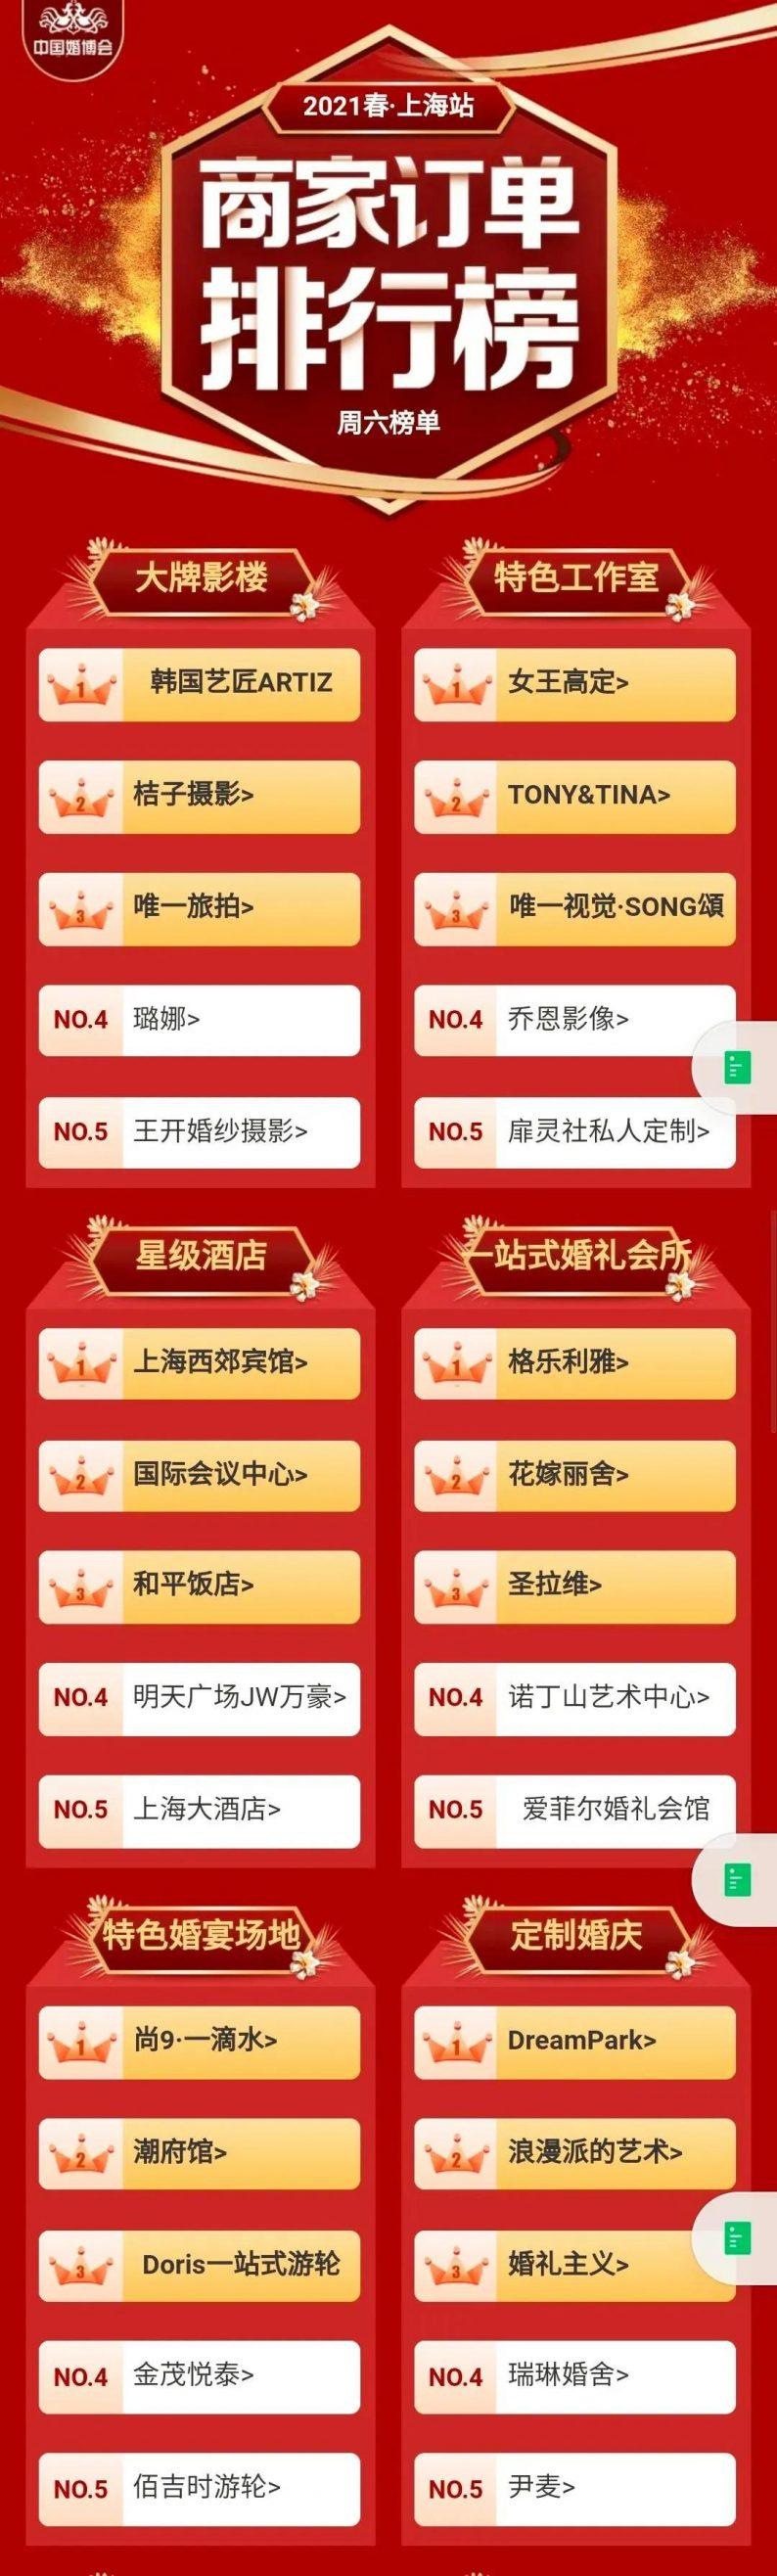 婚礼堂热度明显降低……上海婚博会创全国新高  第2张